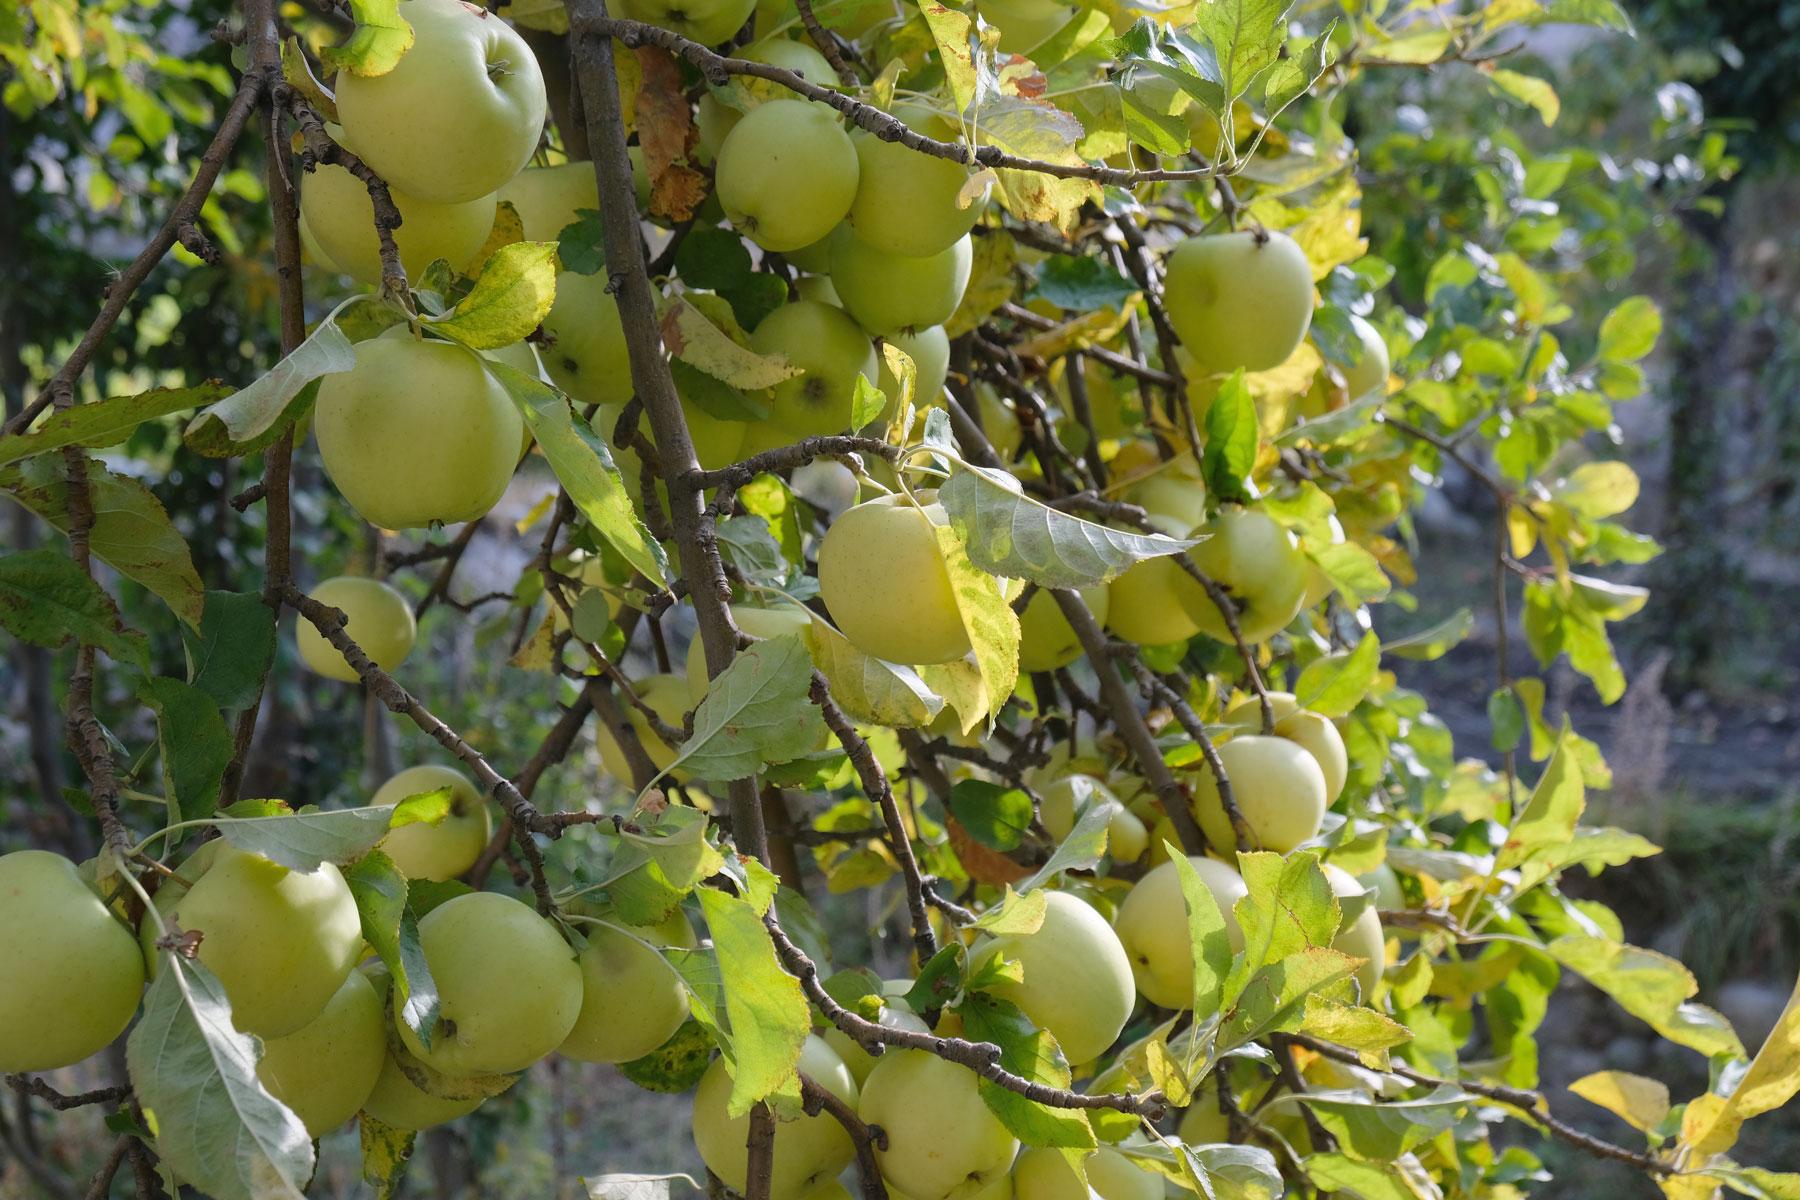 Äpfel an einem Apfelbaum.